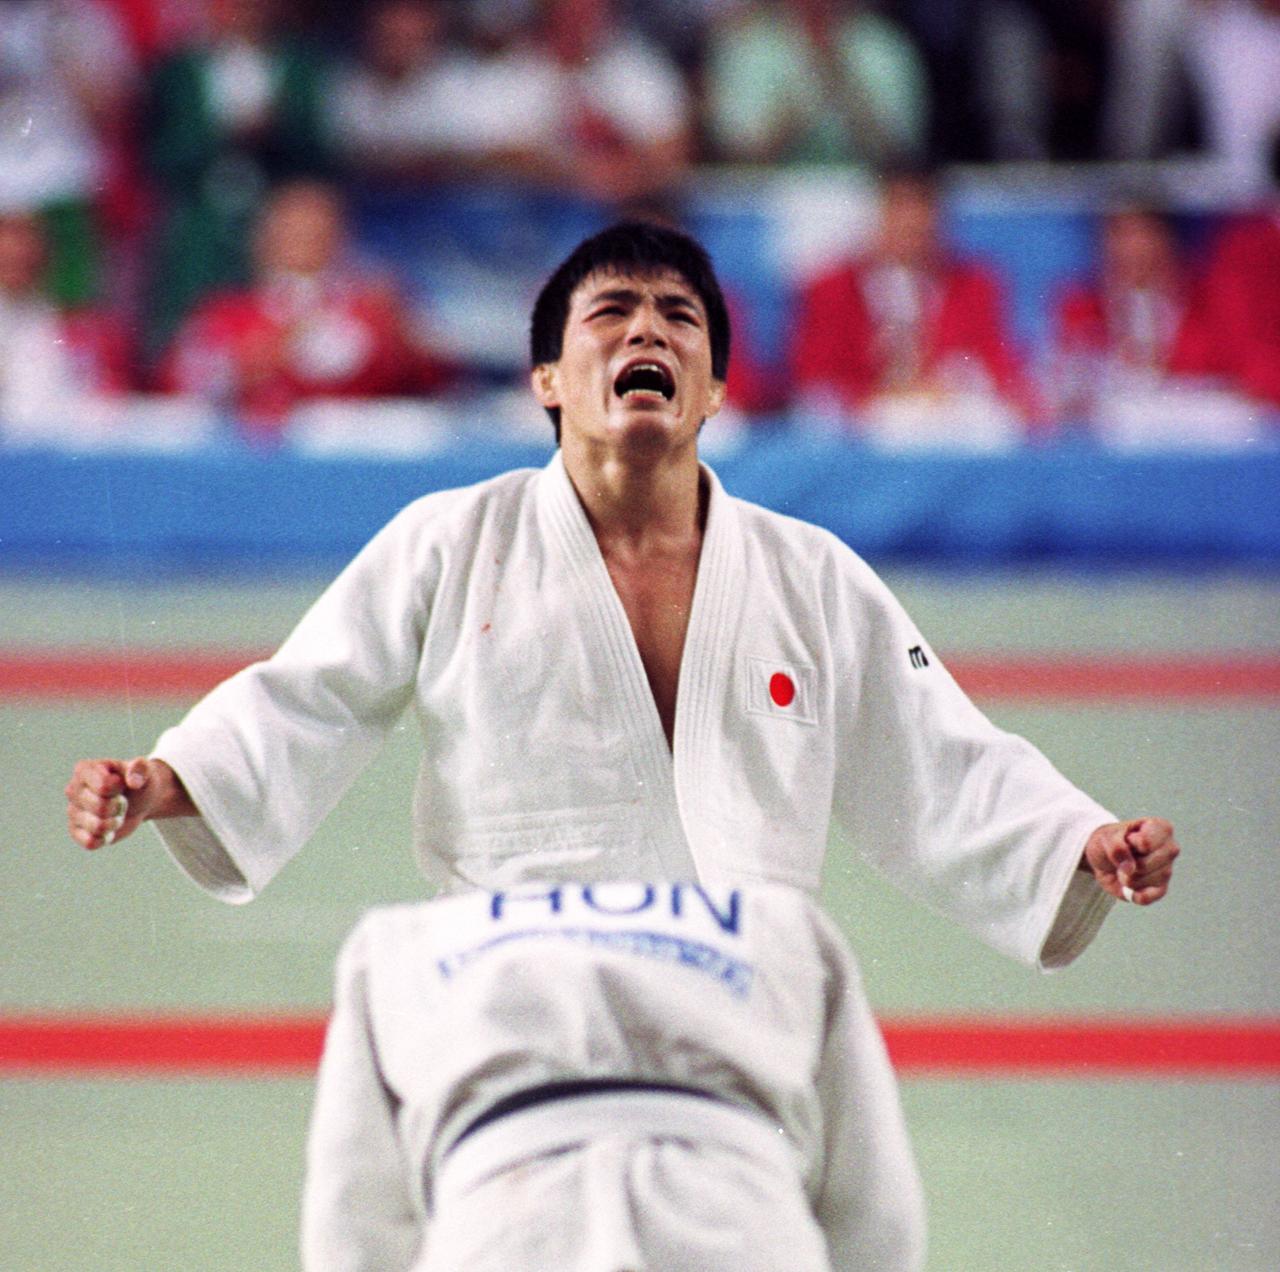 92年バルセロナ五輪、柔道男子71キロ級で金メダルを獲得した古賀稔彦さん